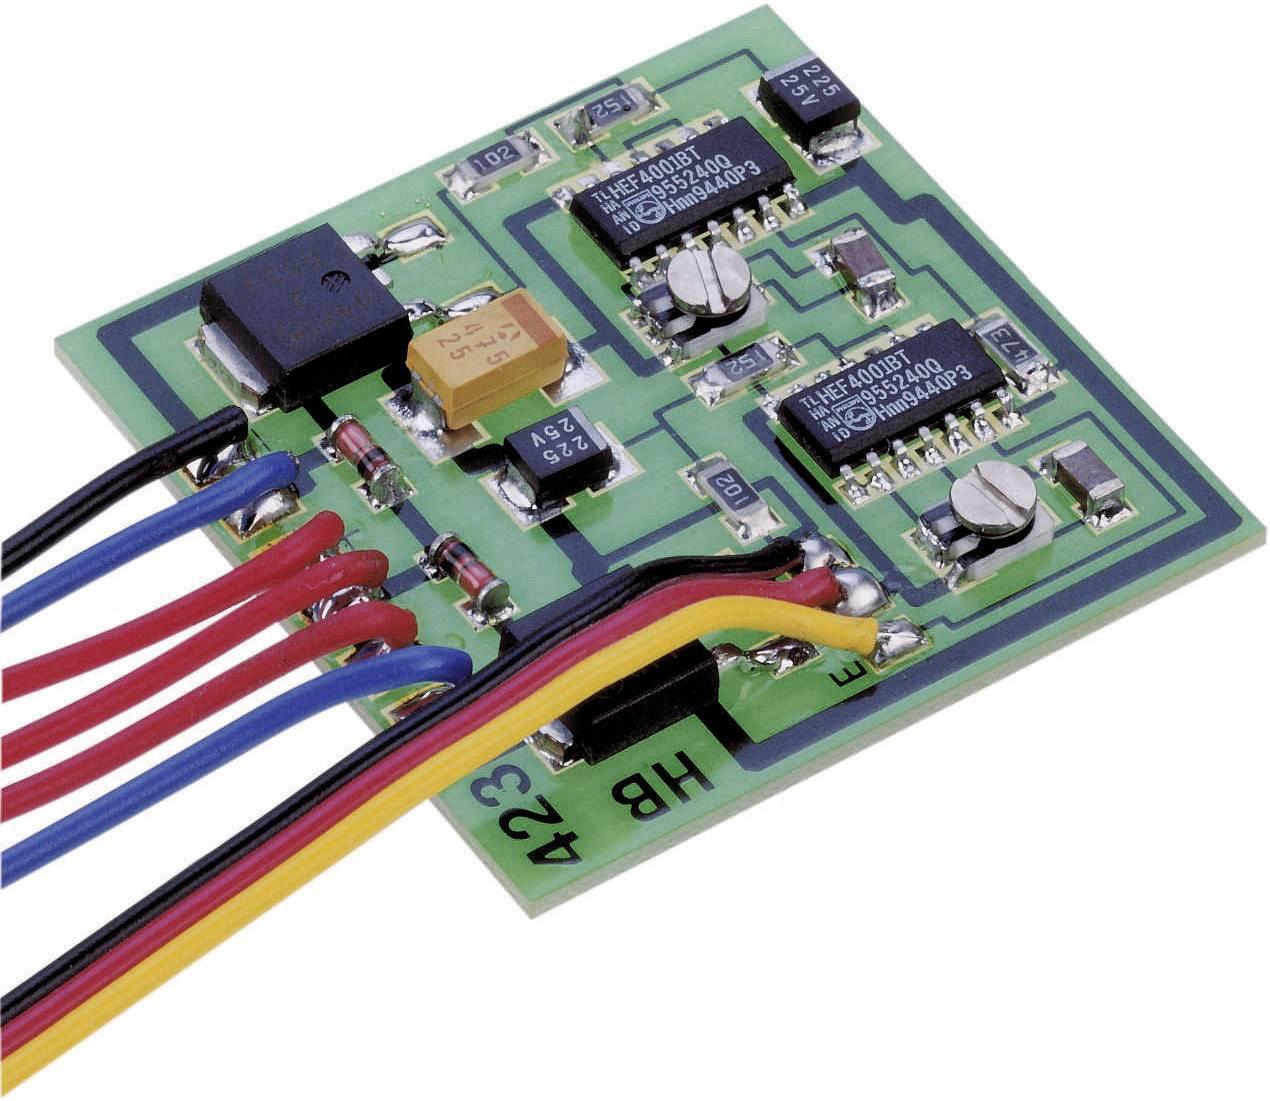 2kanálový přepínač, sestavený modul SMD